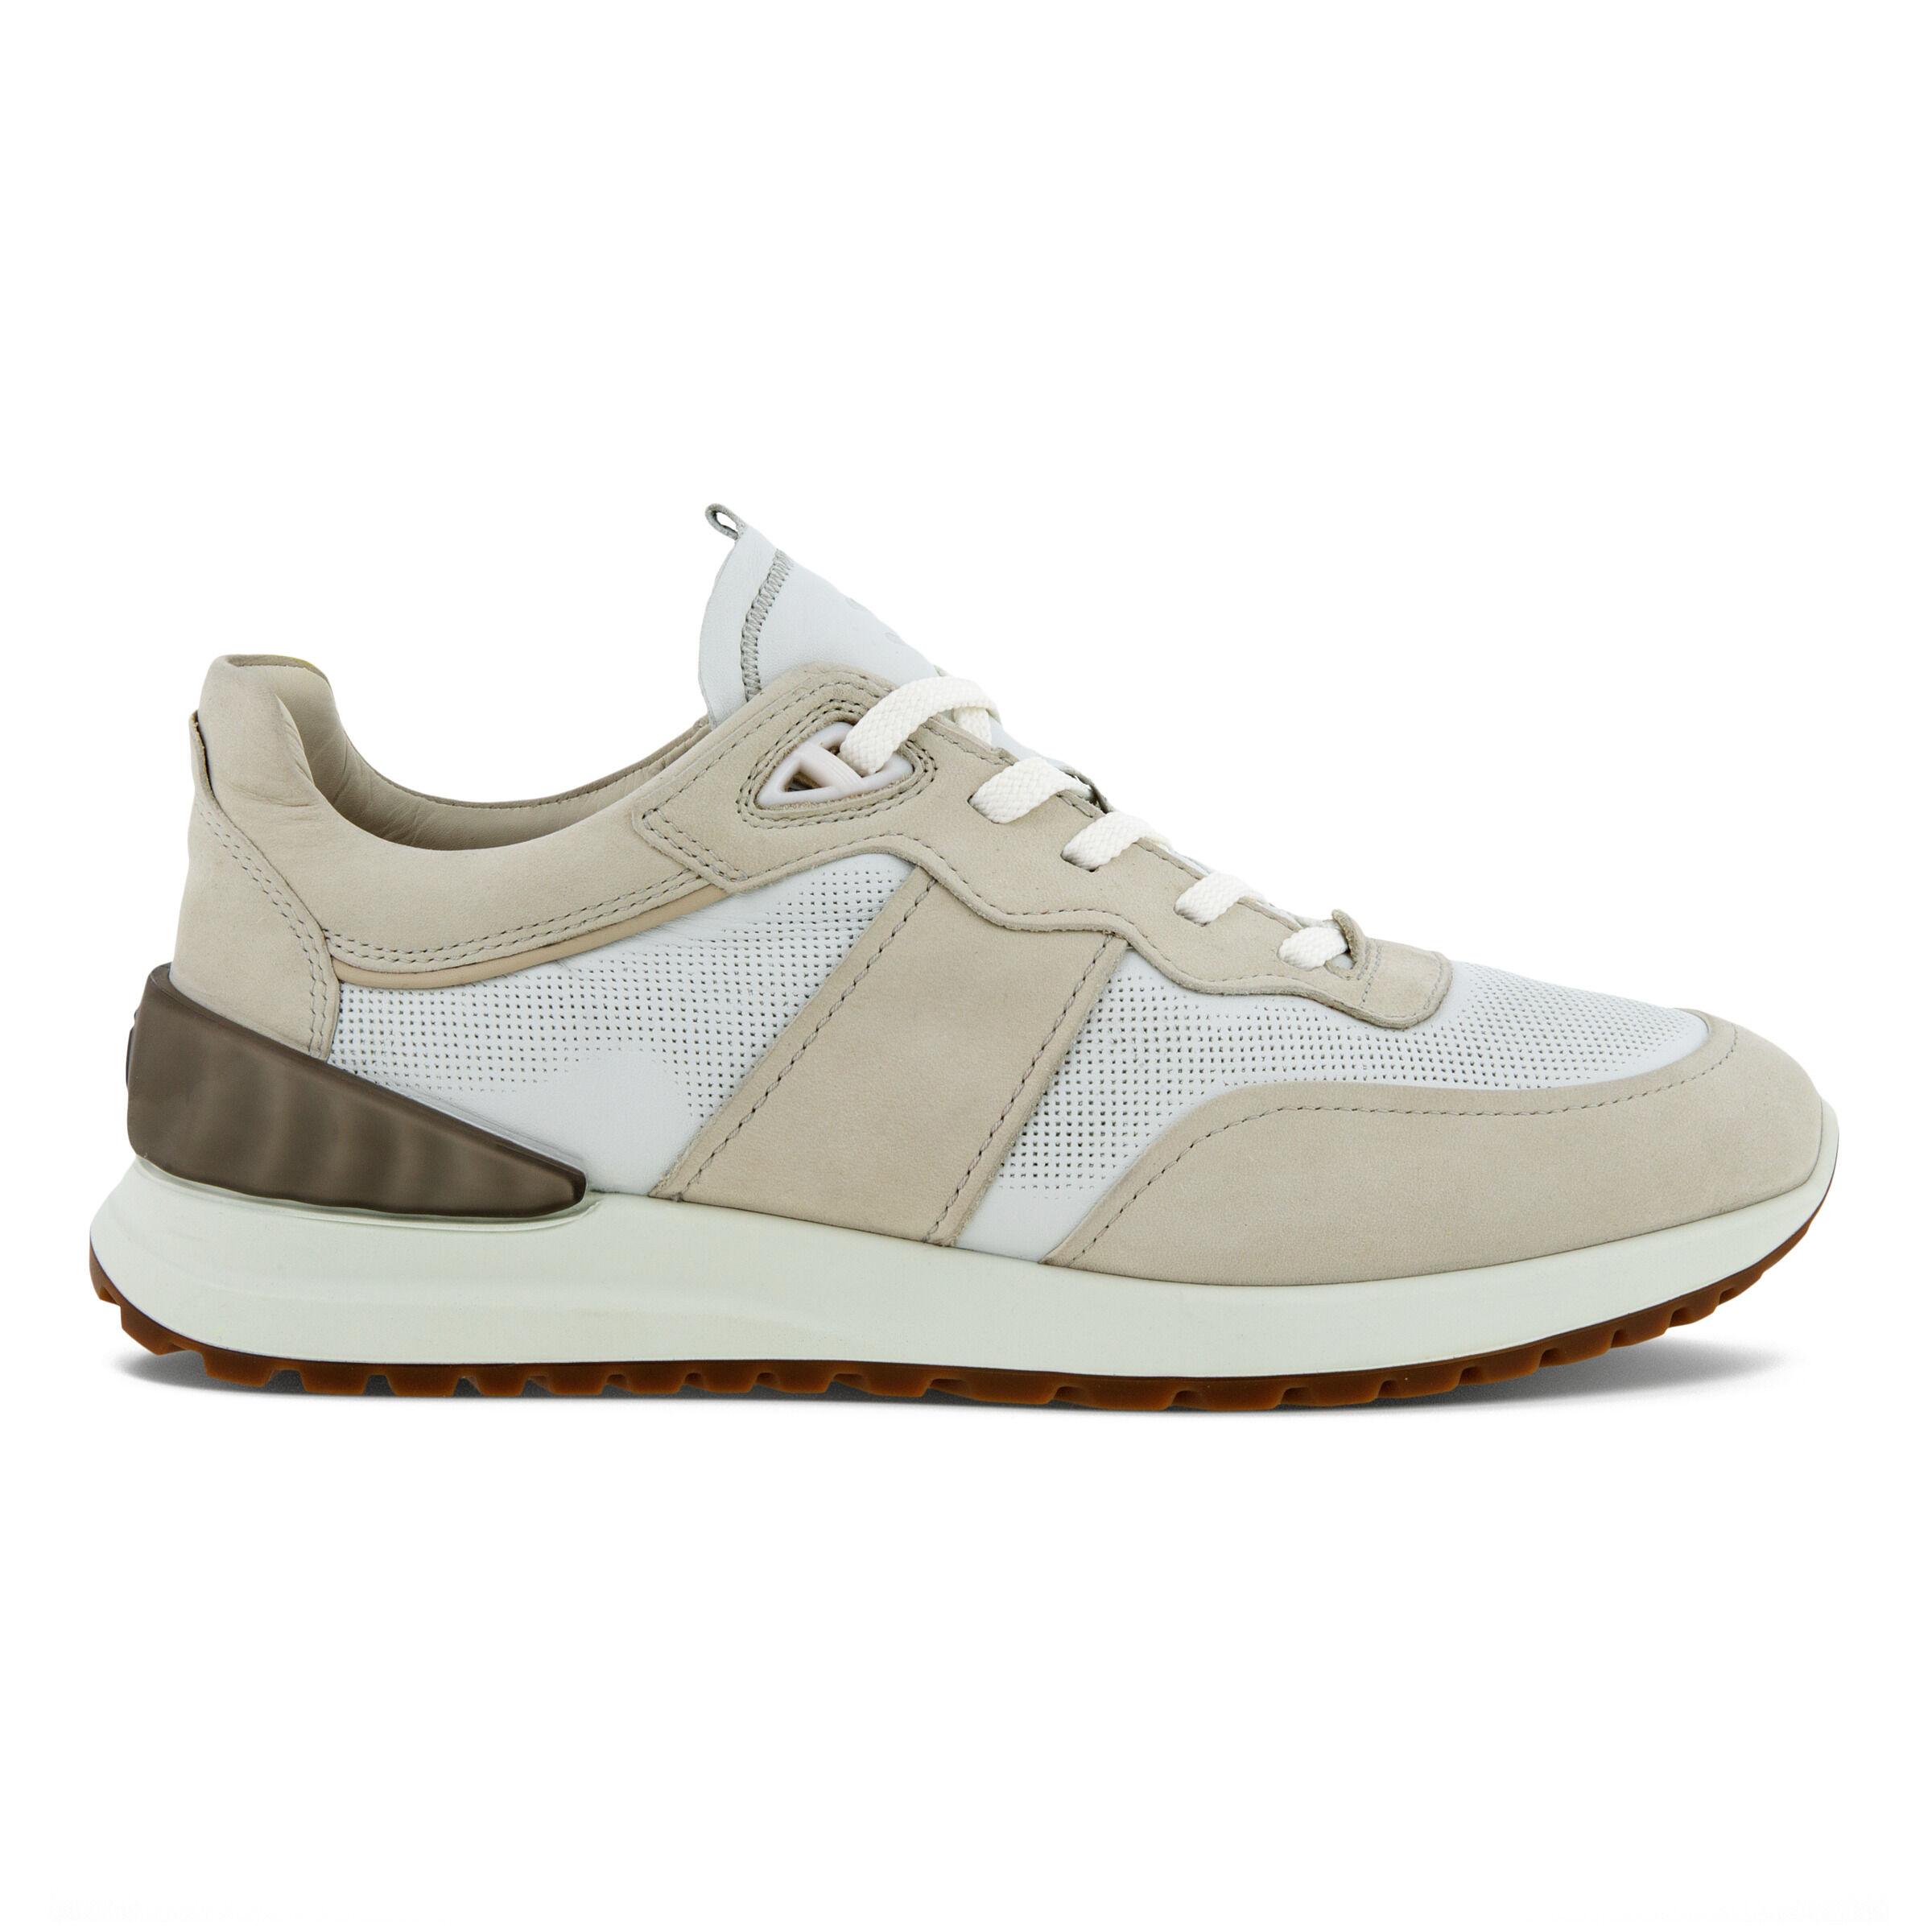 에코 ECCO ASTIR Laced Mens Sneaker,GRAVEL/WHITE/GRAVEL